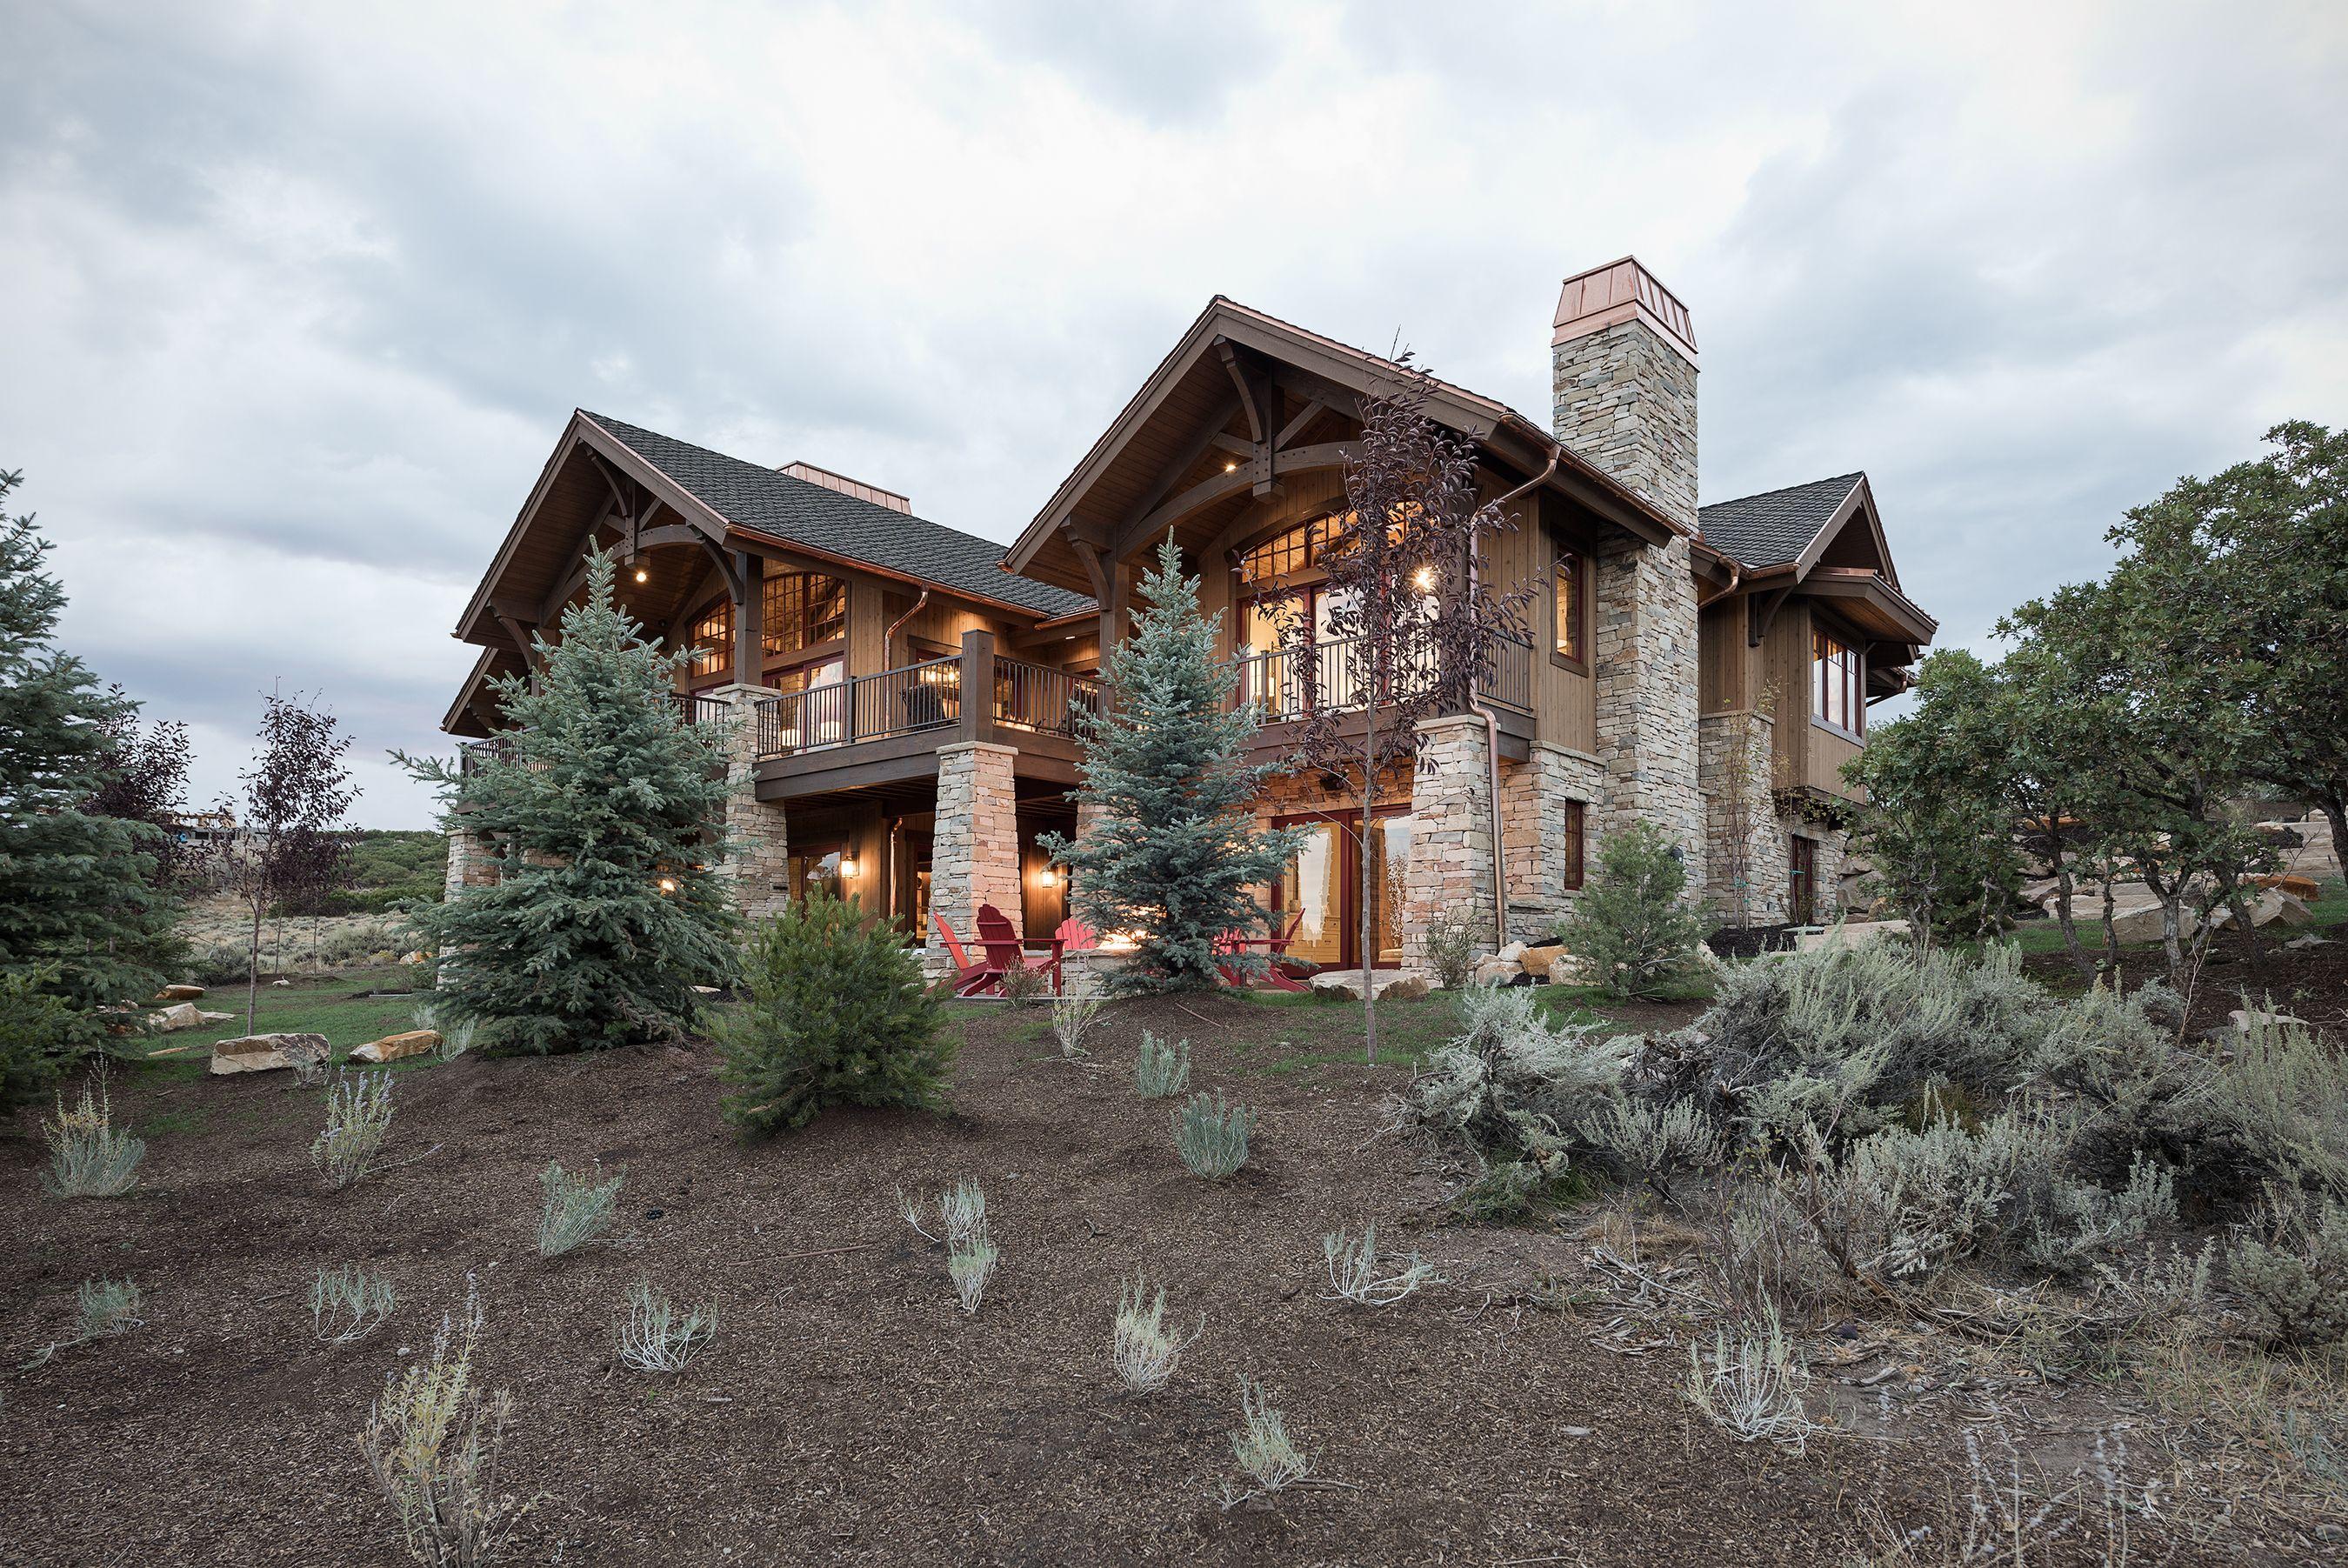 Backyard Landscaping In Promontory Park City Utah Timberridge 2016